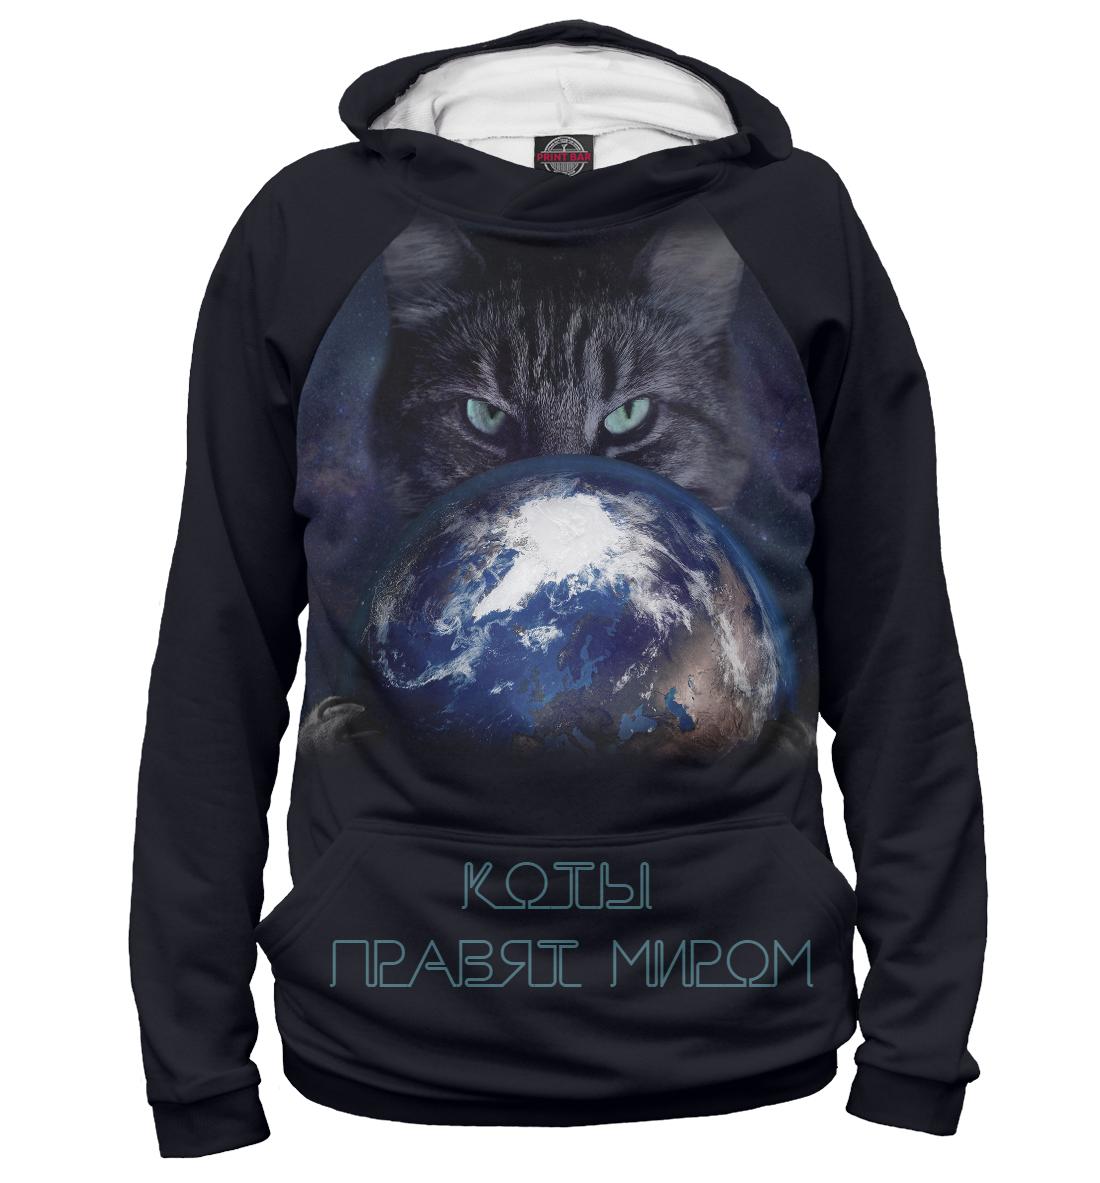 Купить Коты правят миром, Printbar, Худи, CAT-351001-hud-2